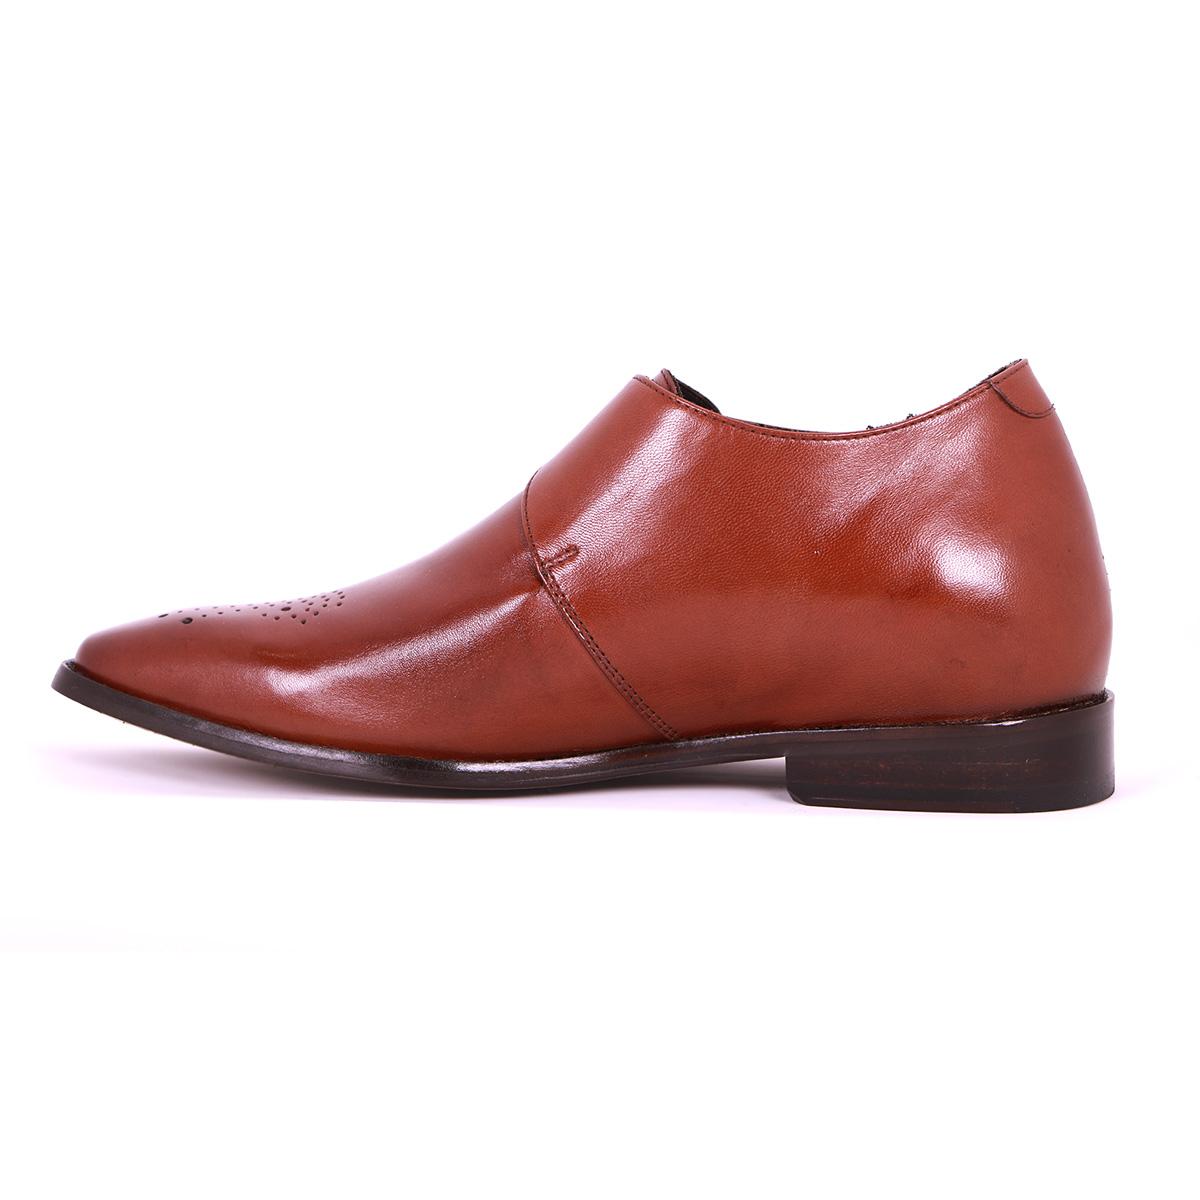 Zapato Formal Gentleman Café Oscuro Max Denegri +7cms de Altura_73378